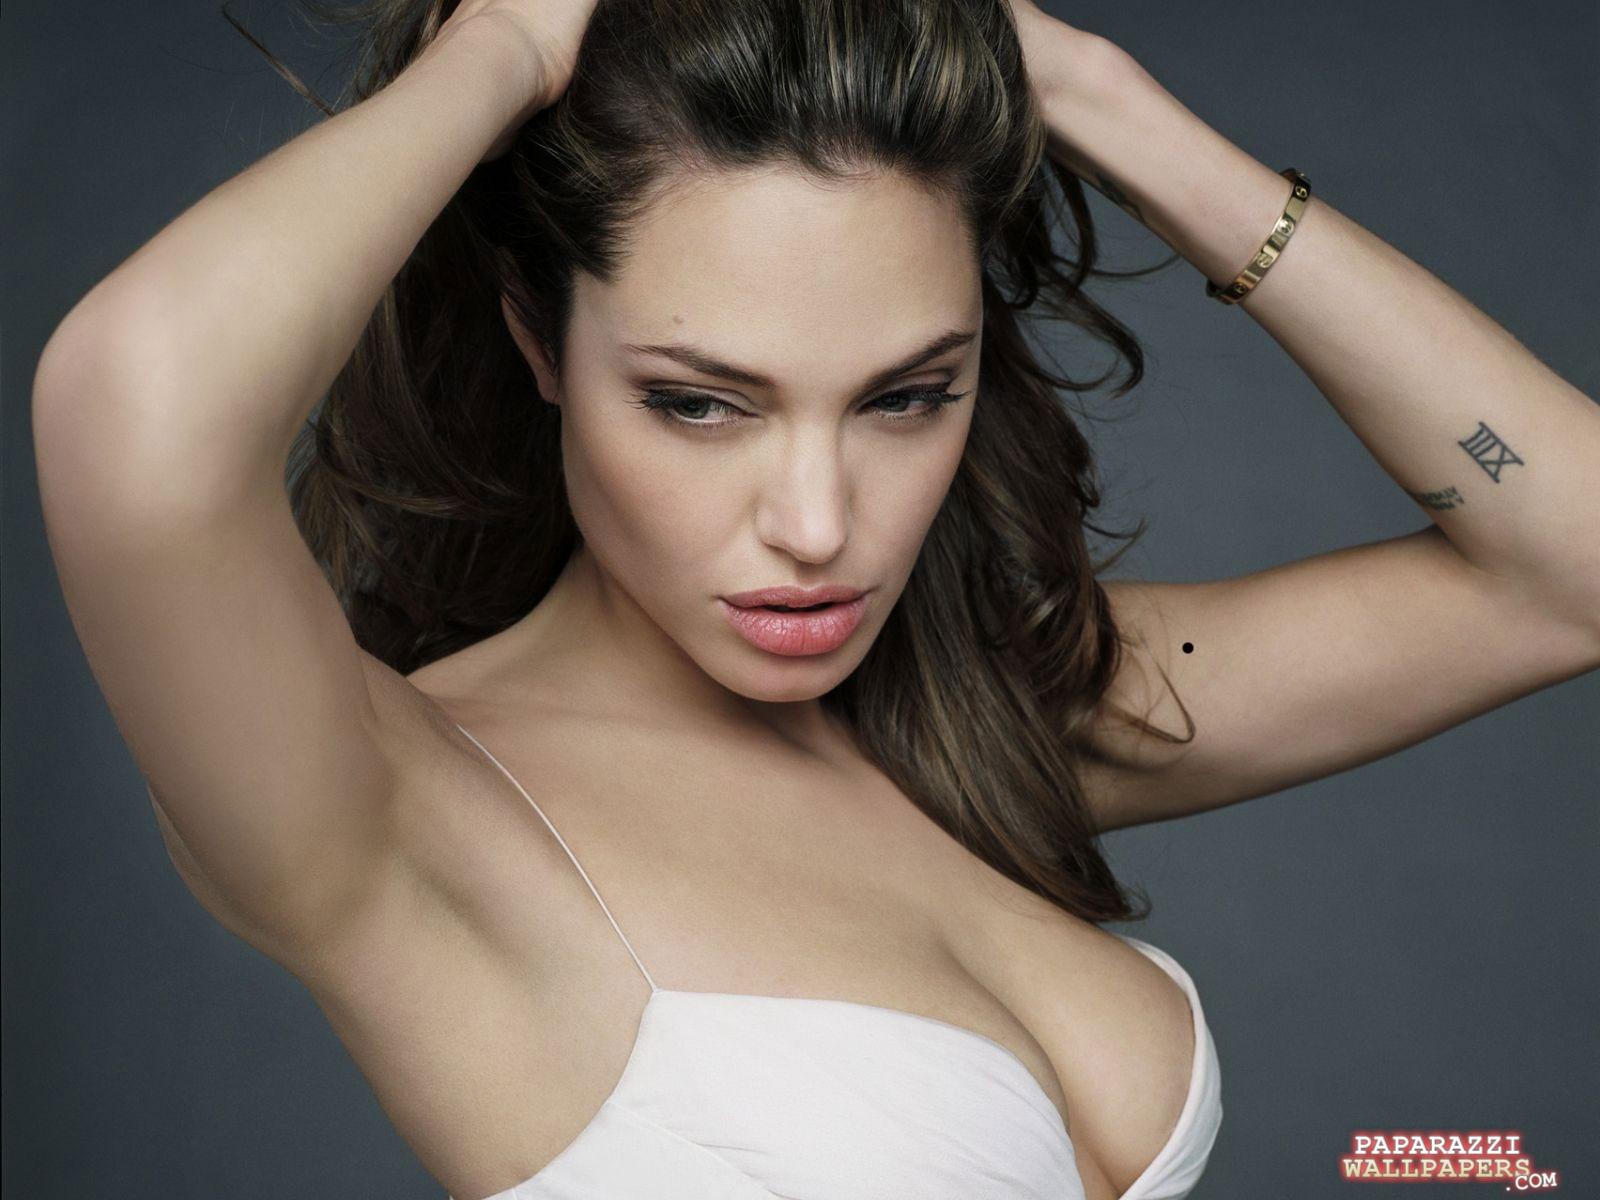 http://4.bp.blogspot.com/_9y8w38yWgko/SVi1psNr3tI/AAAAAAAABlk/kpuIXAH2kSc/s1600/Angelina.jpg